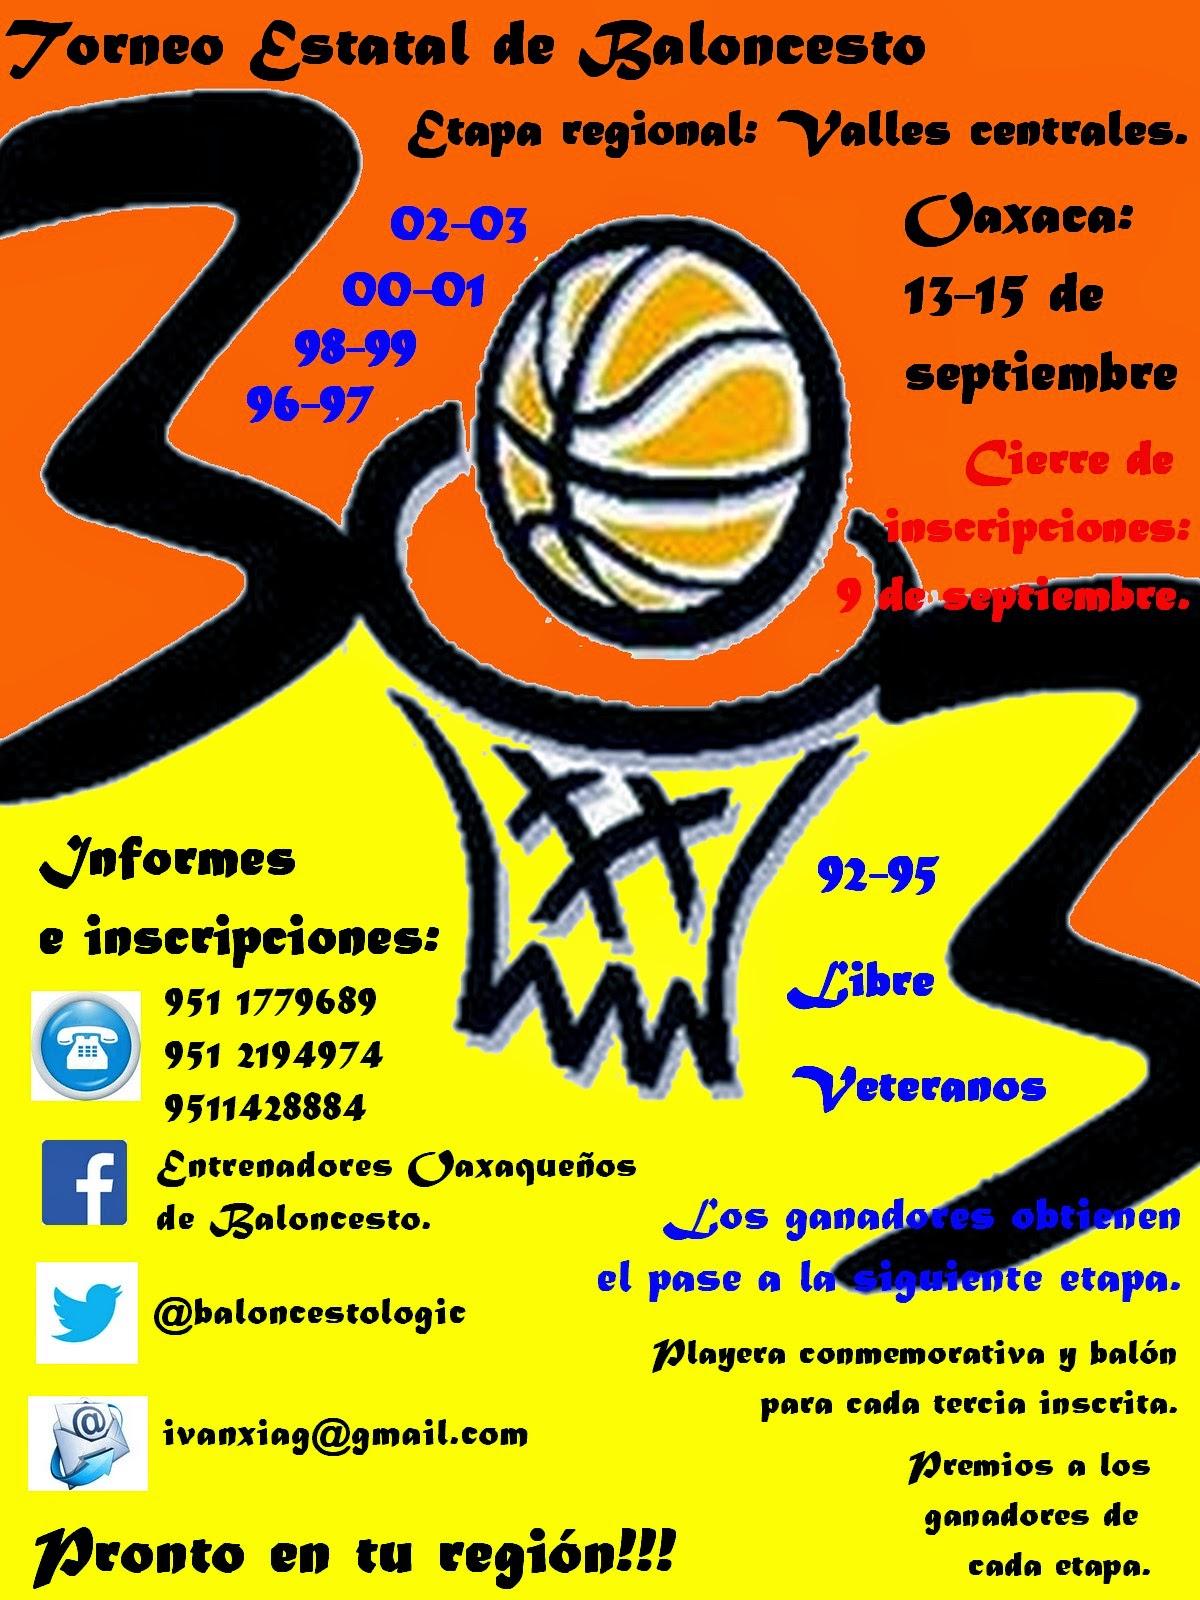 Torneo estatal 3x3. Oaxaca.